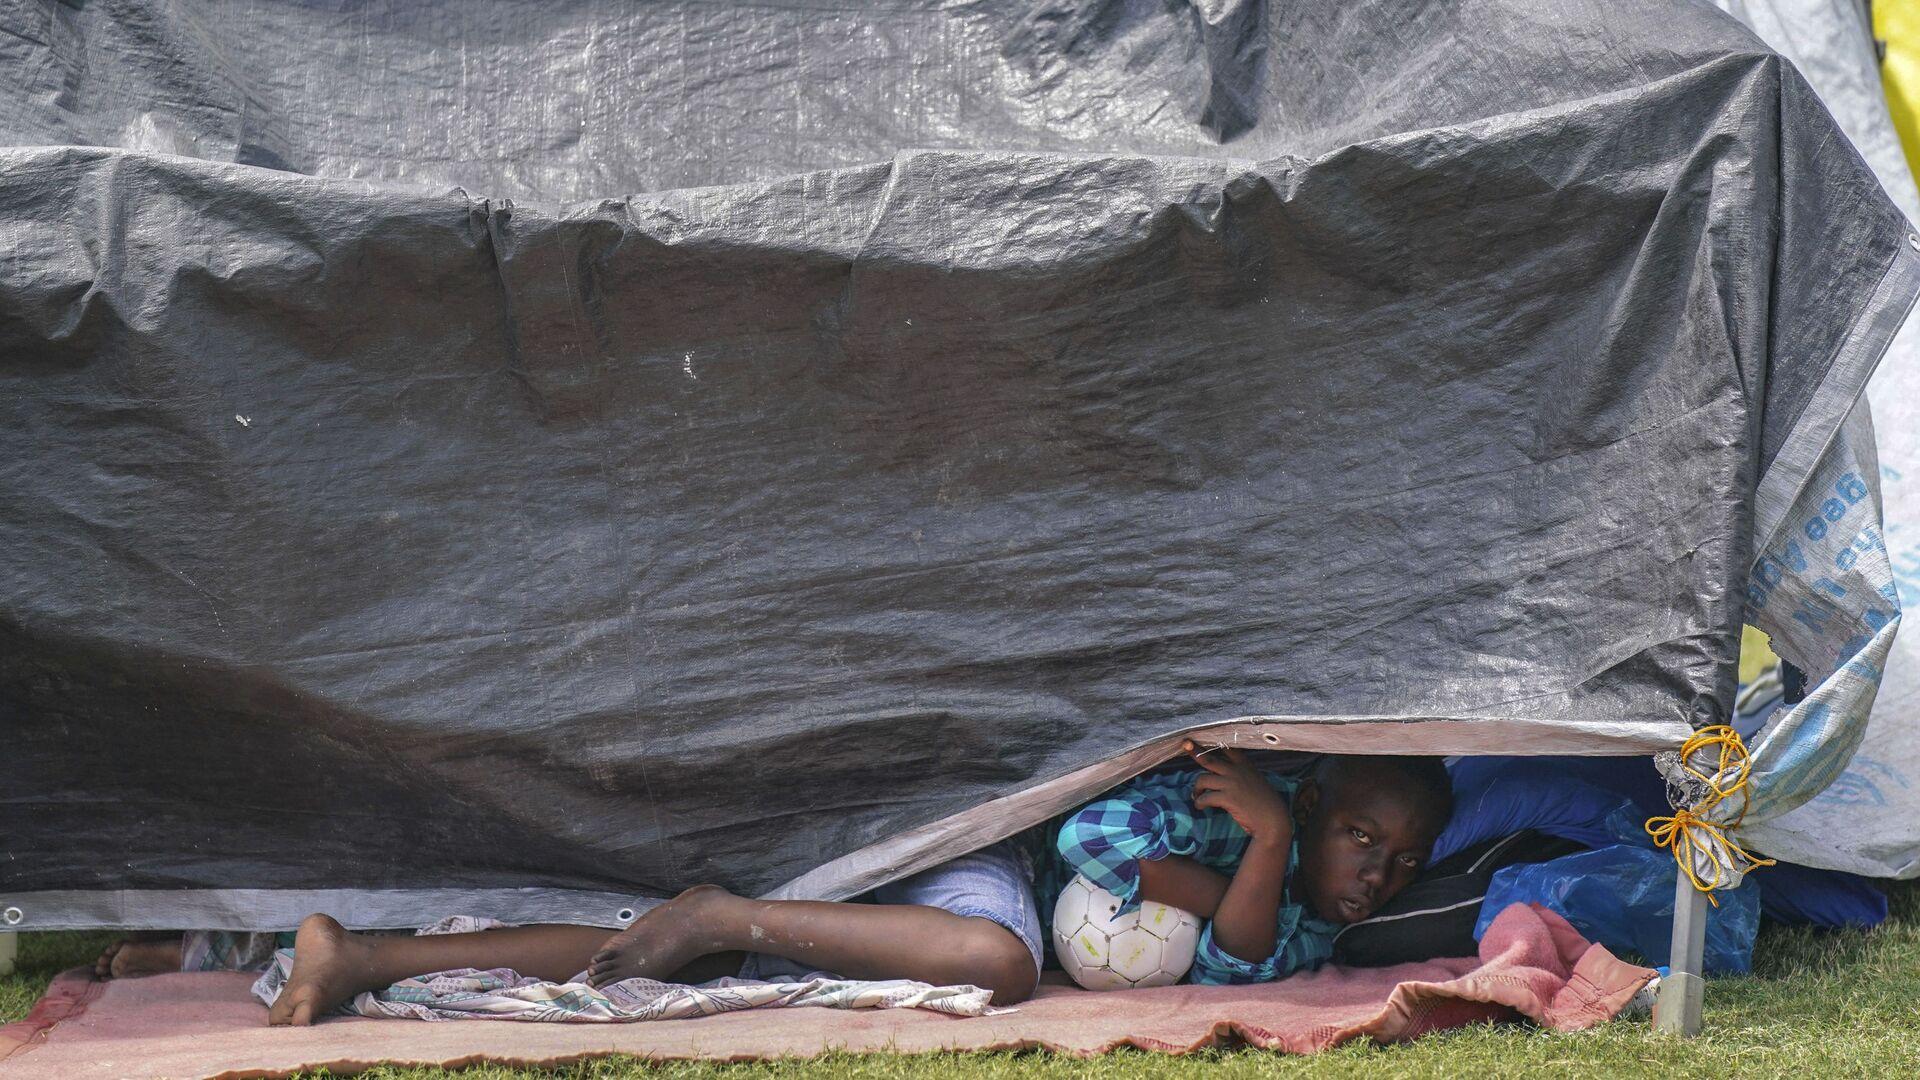 Stan v uprchlickém táboře po zemětřesení na Haiti. Ilustrační foto - Sputnik Česká republika, 1920, 17.09.2021